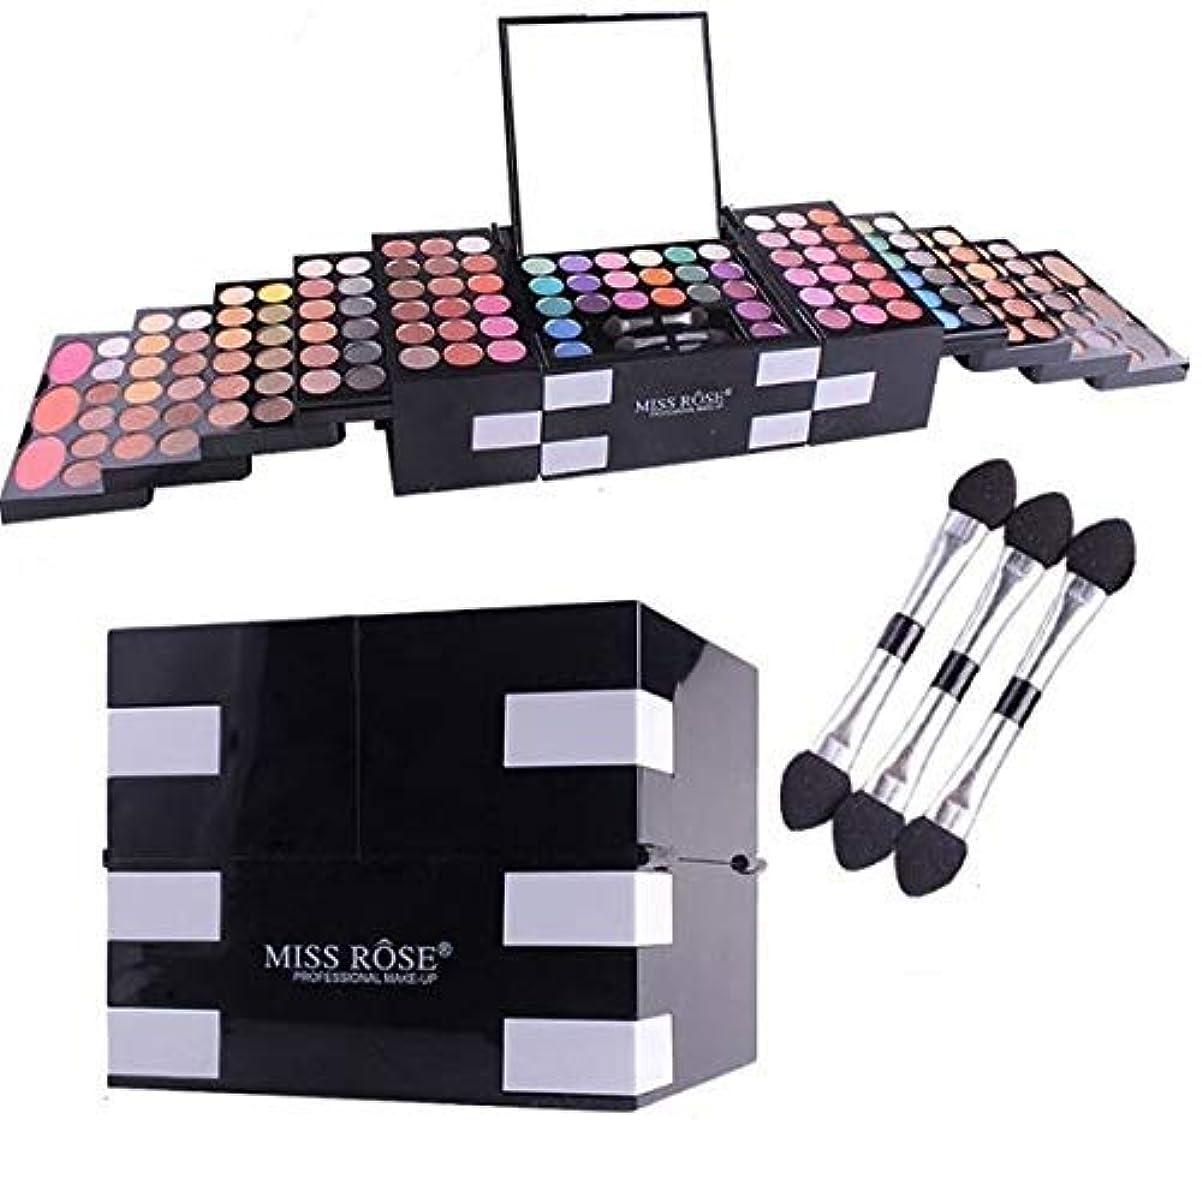 テーブルを設定するキャメル業界MISS ROSE 初心者の女の子 美容マットグリッター144色キラキラアイシャドウパレット化粧品アイシャドウ赤面眉パウダー化粧箱付きミラーブラシセット